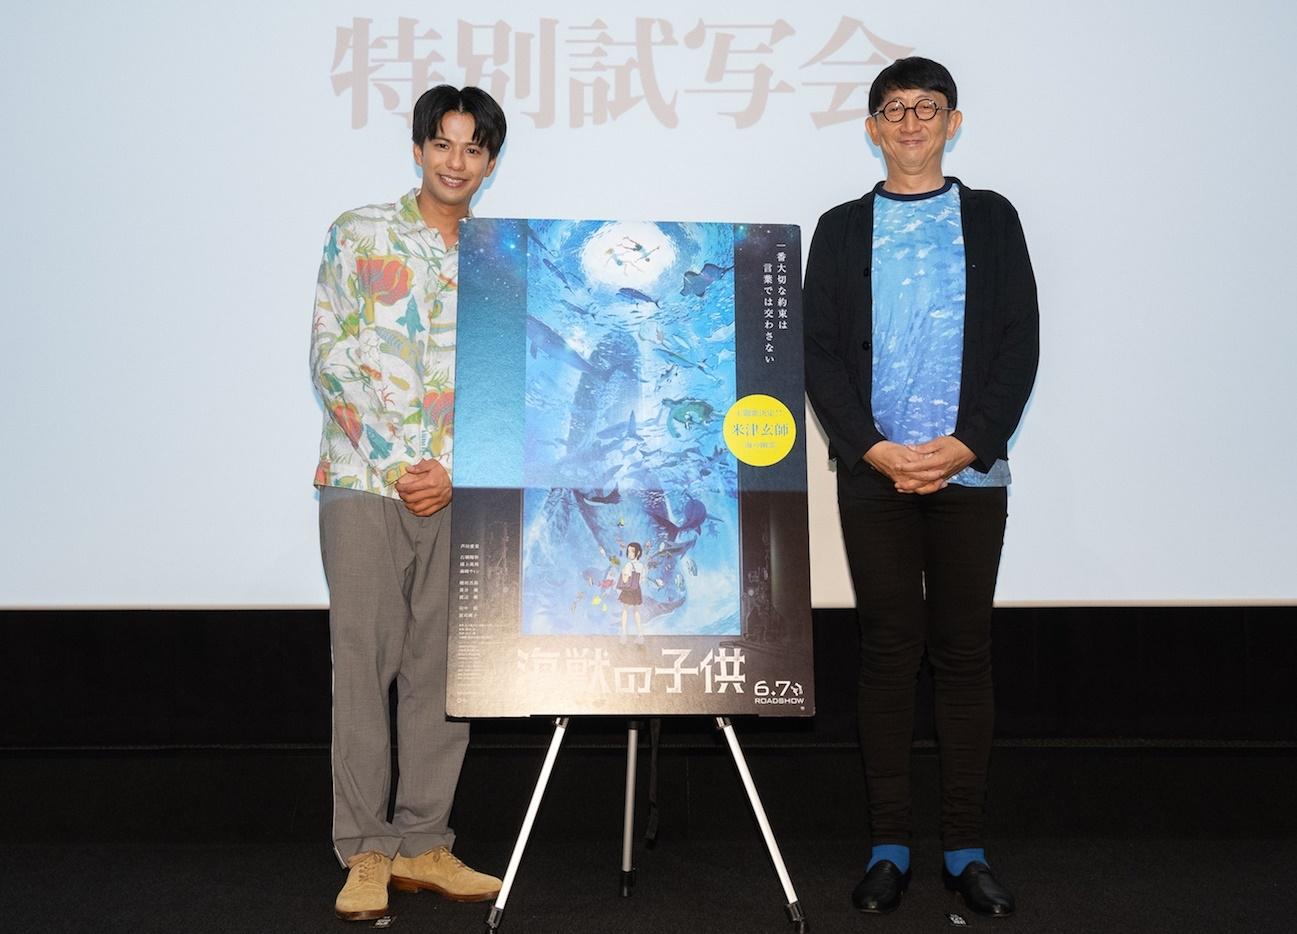 映画『海獣の子供』トークイベント オフィシャルレポート到着